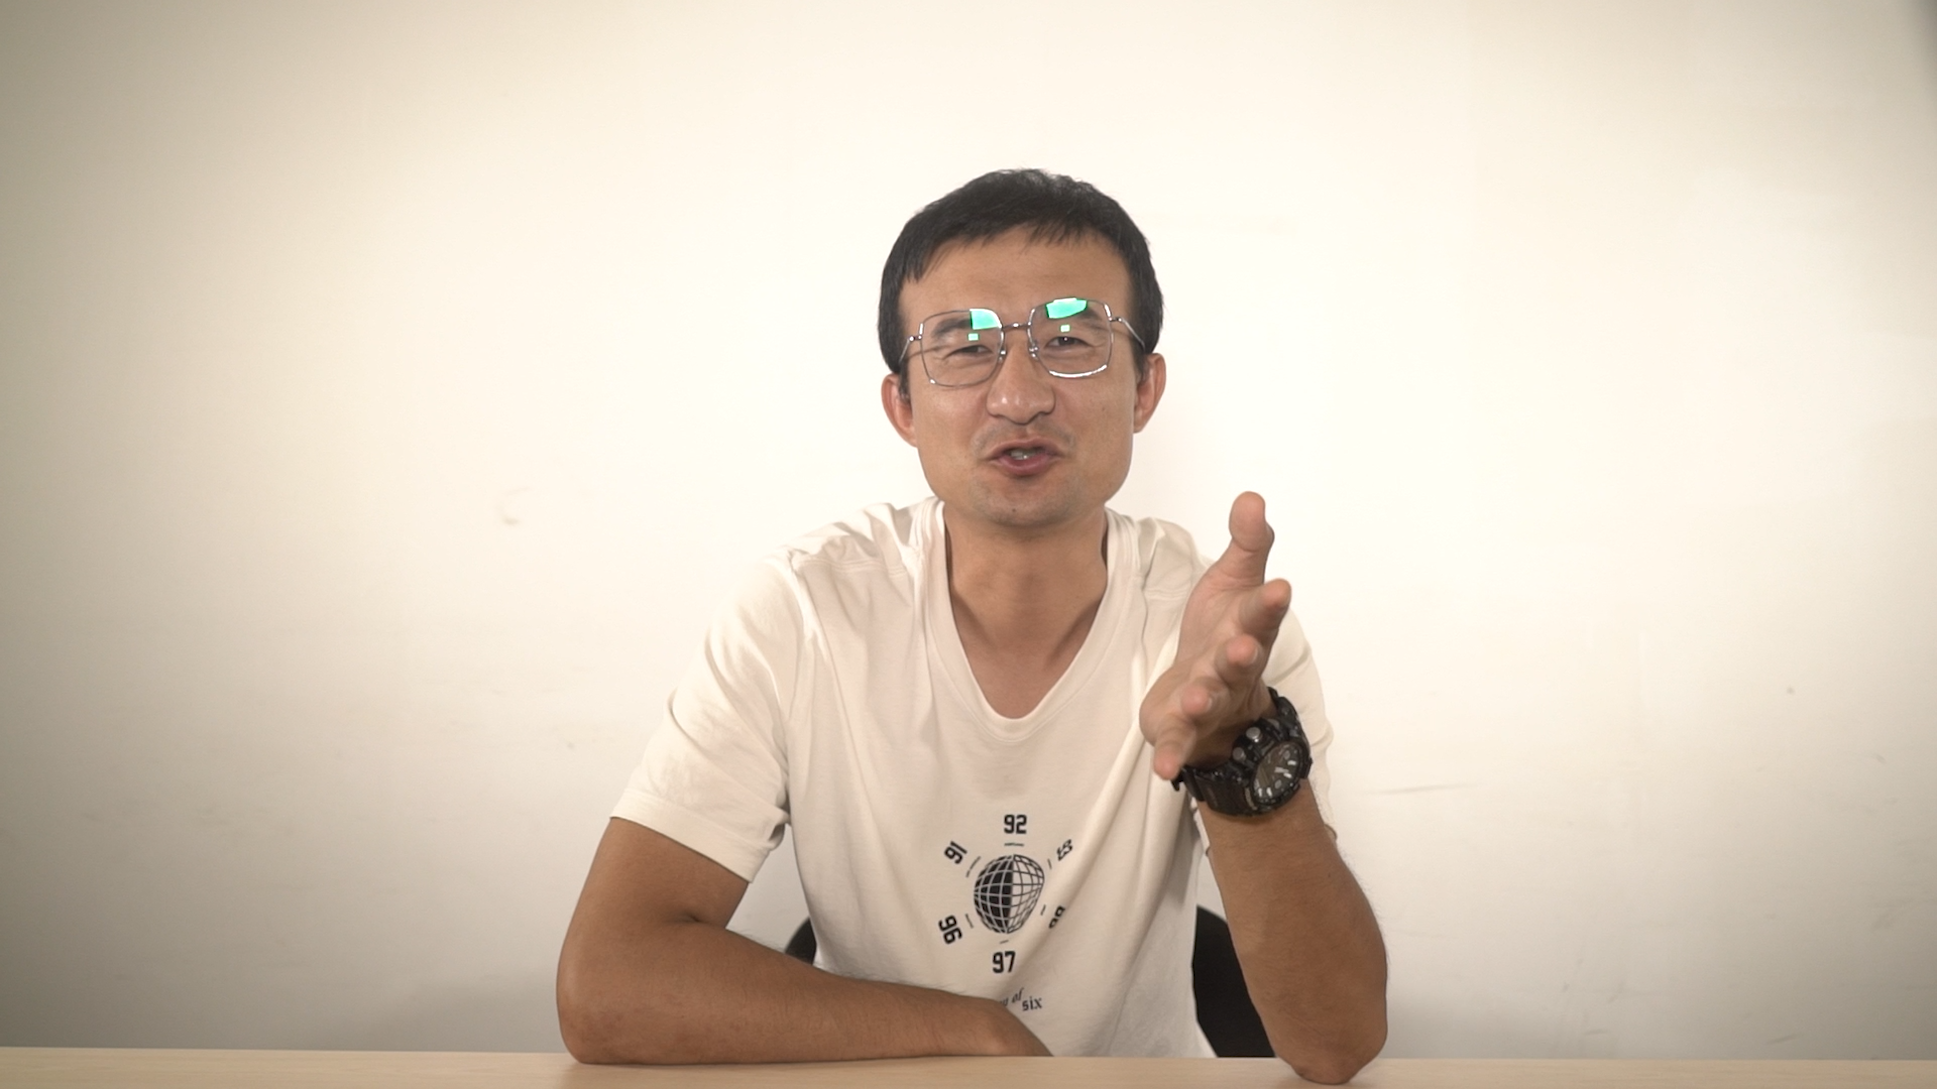 丰田赛那:现在捧得有多高,后面就可能摔得有多惨?视频